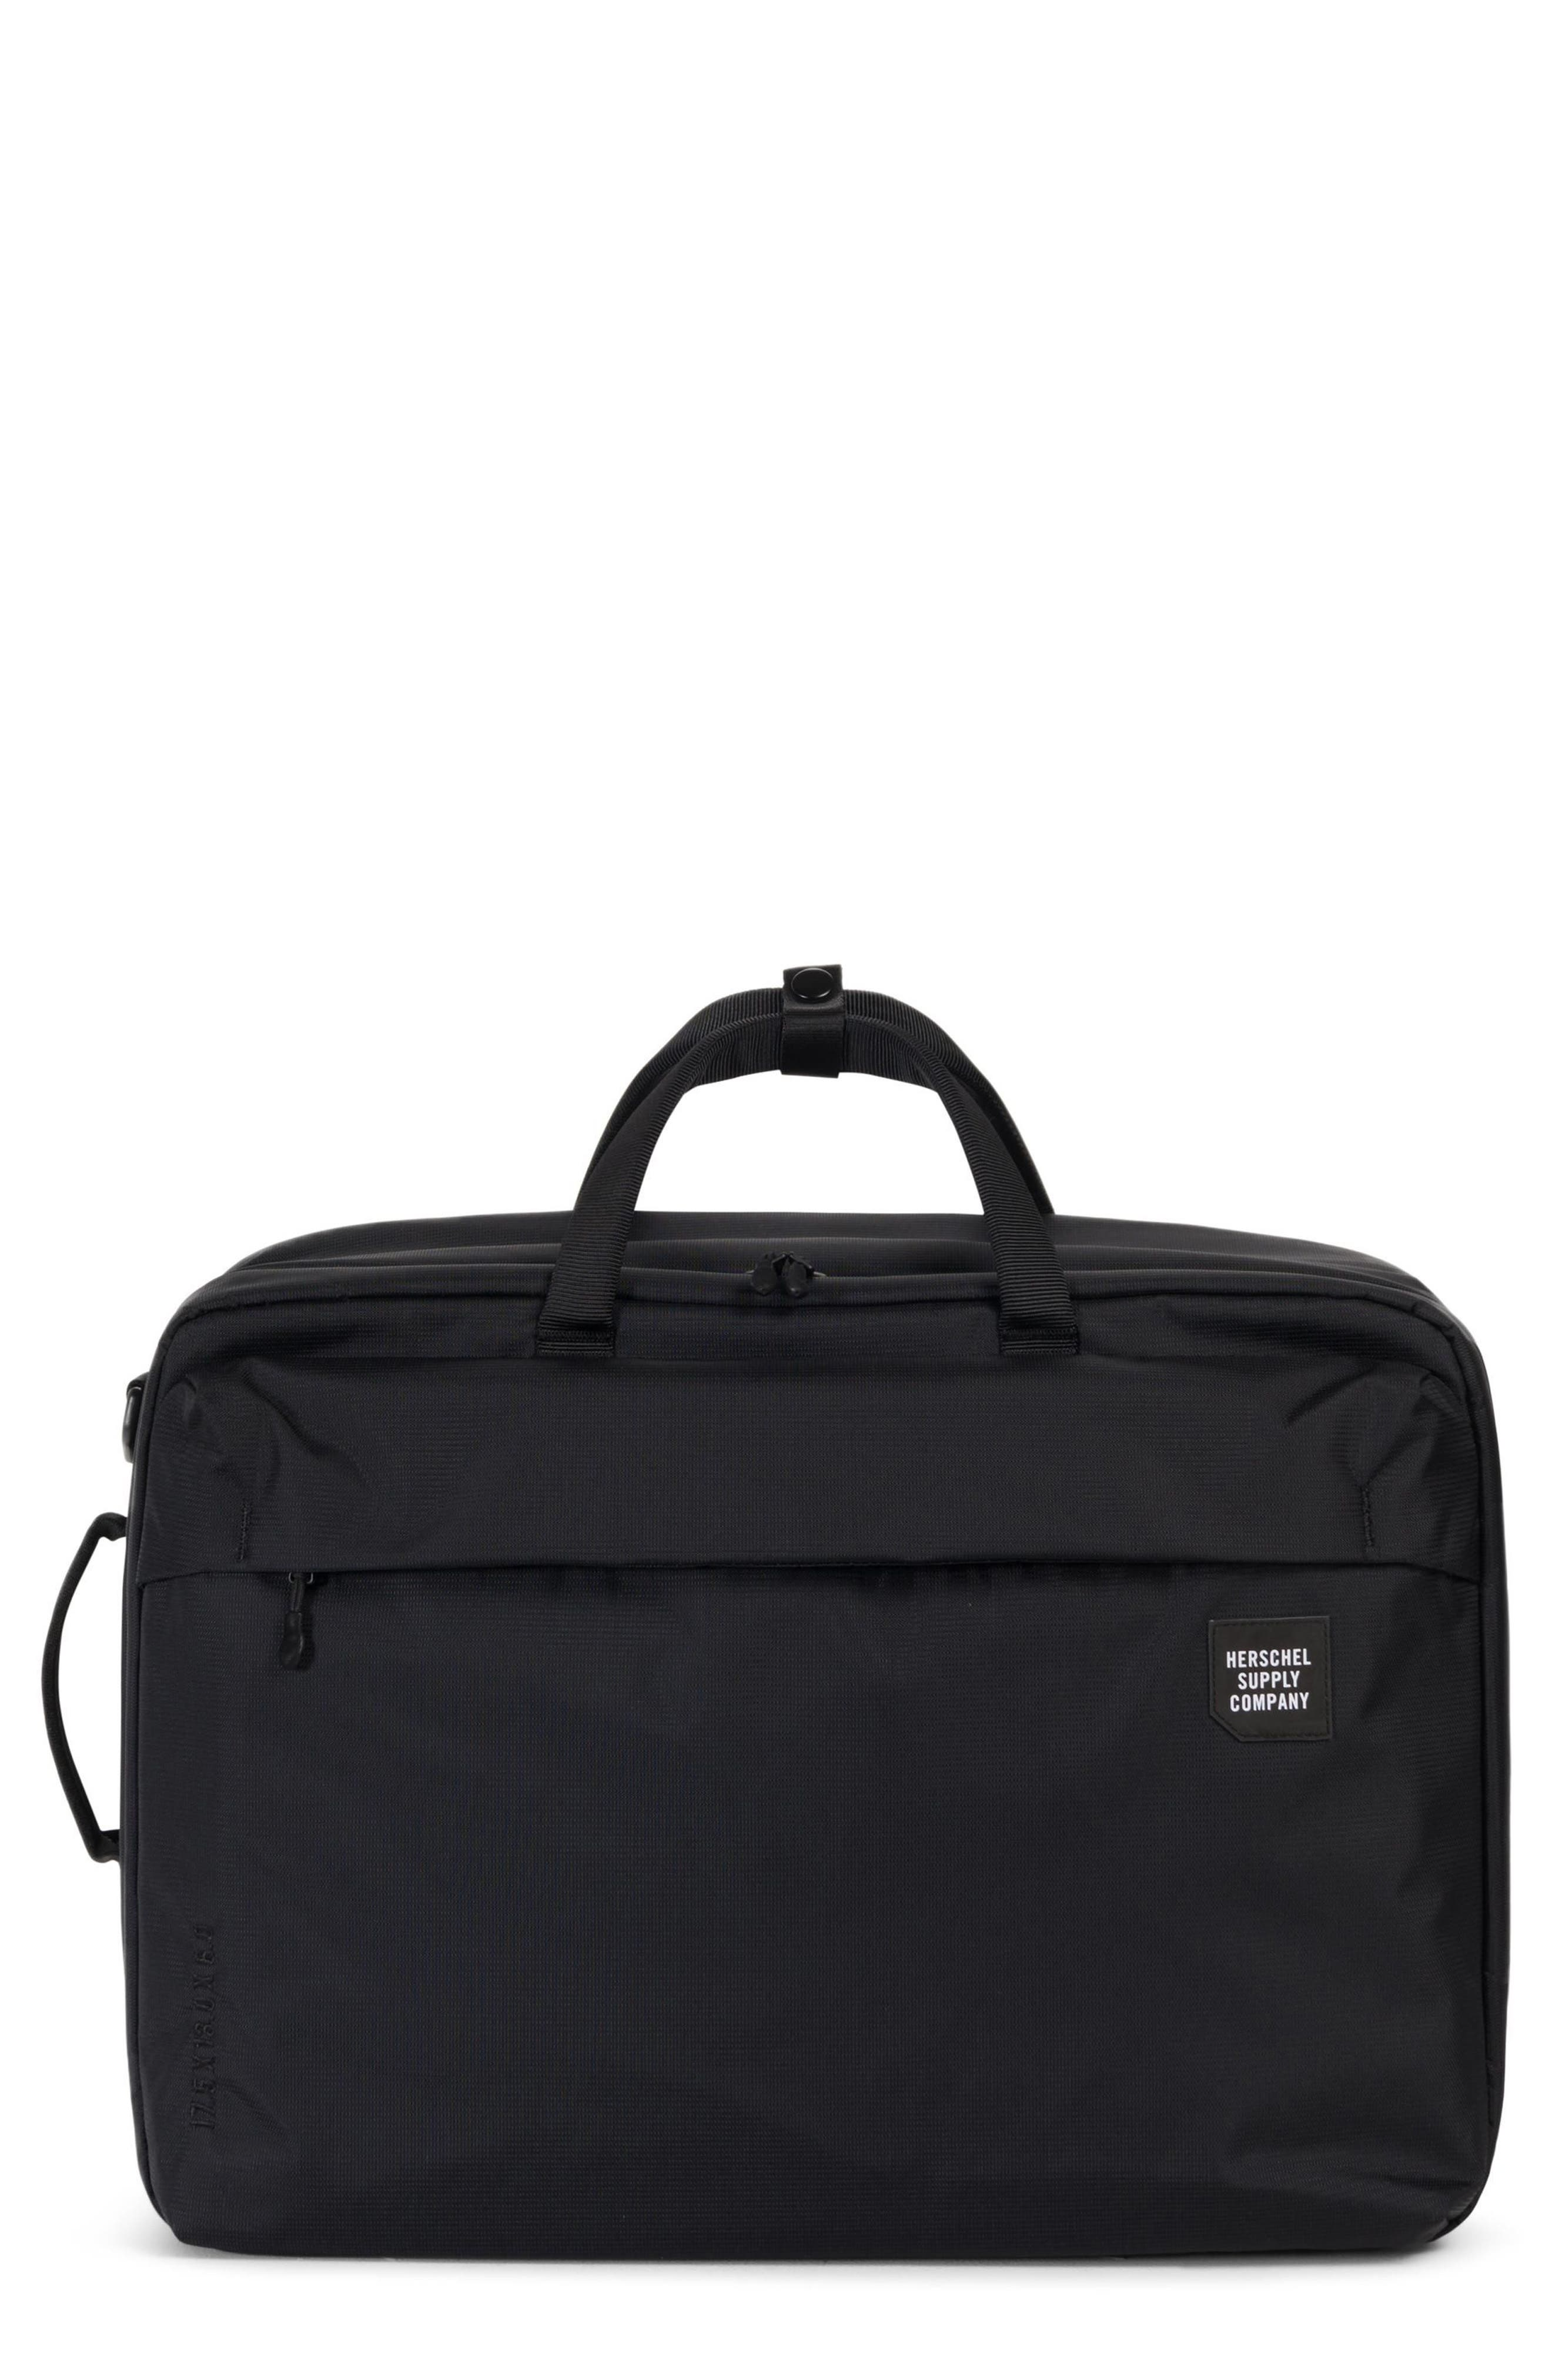 Herschel Supply Co. Britannia XL Convertible Messenger Bag